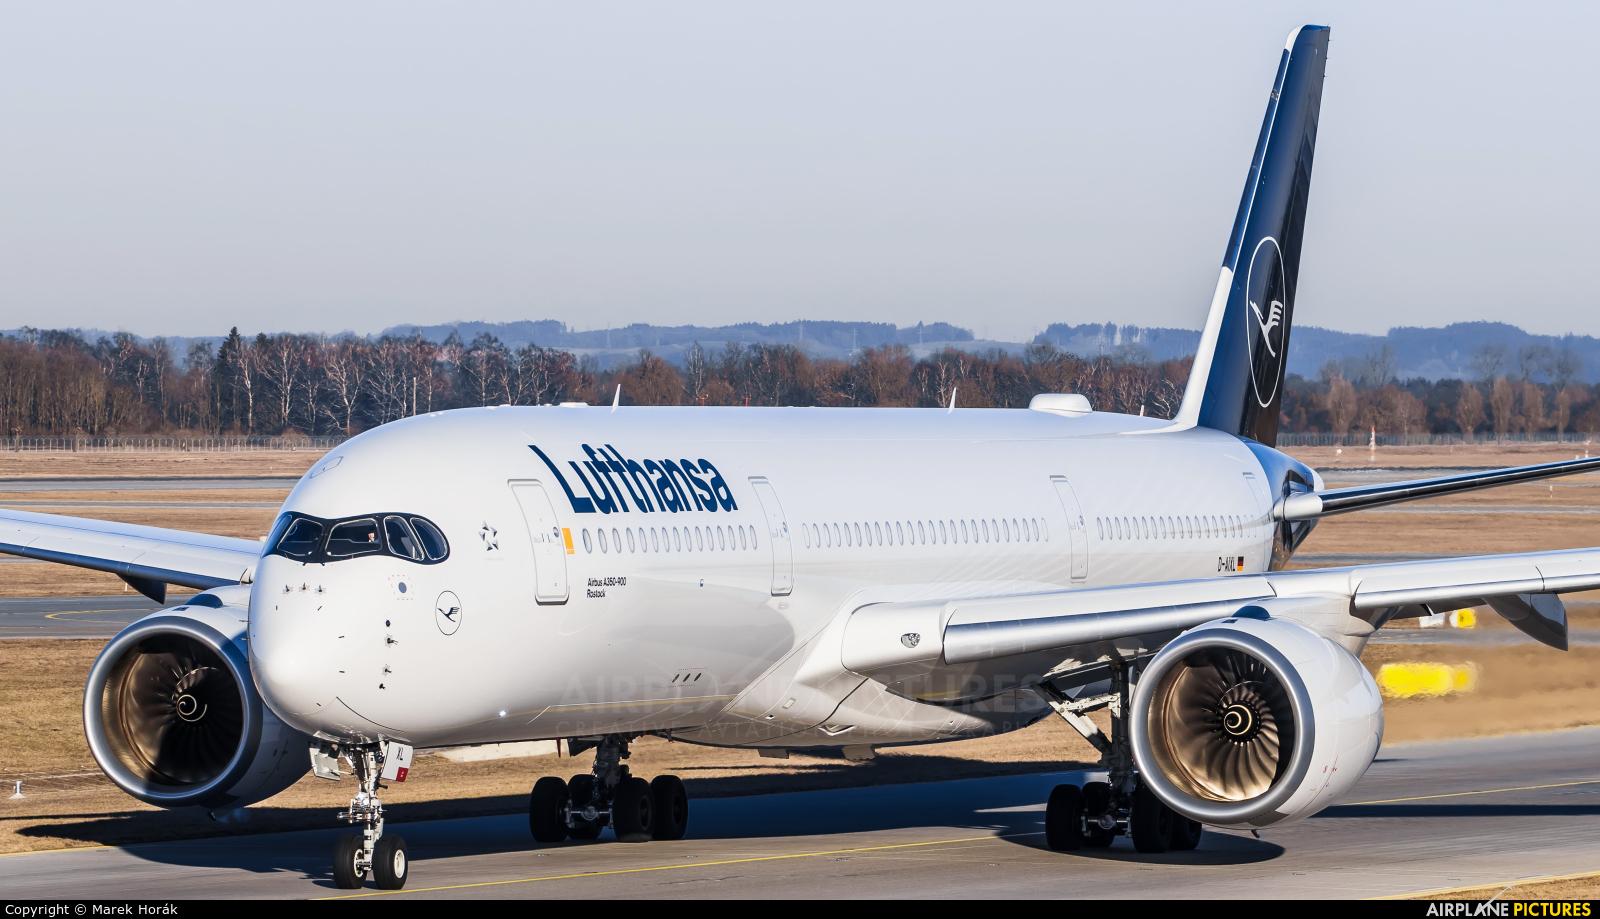 Lufthansa D-AIXL aircraft at Munich